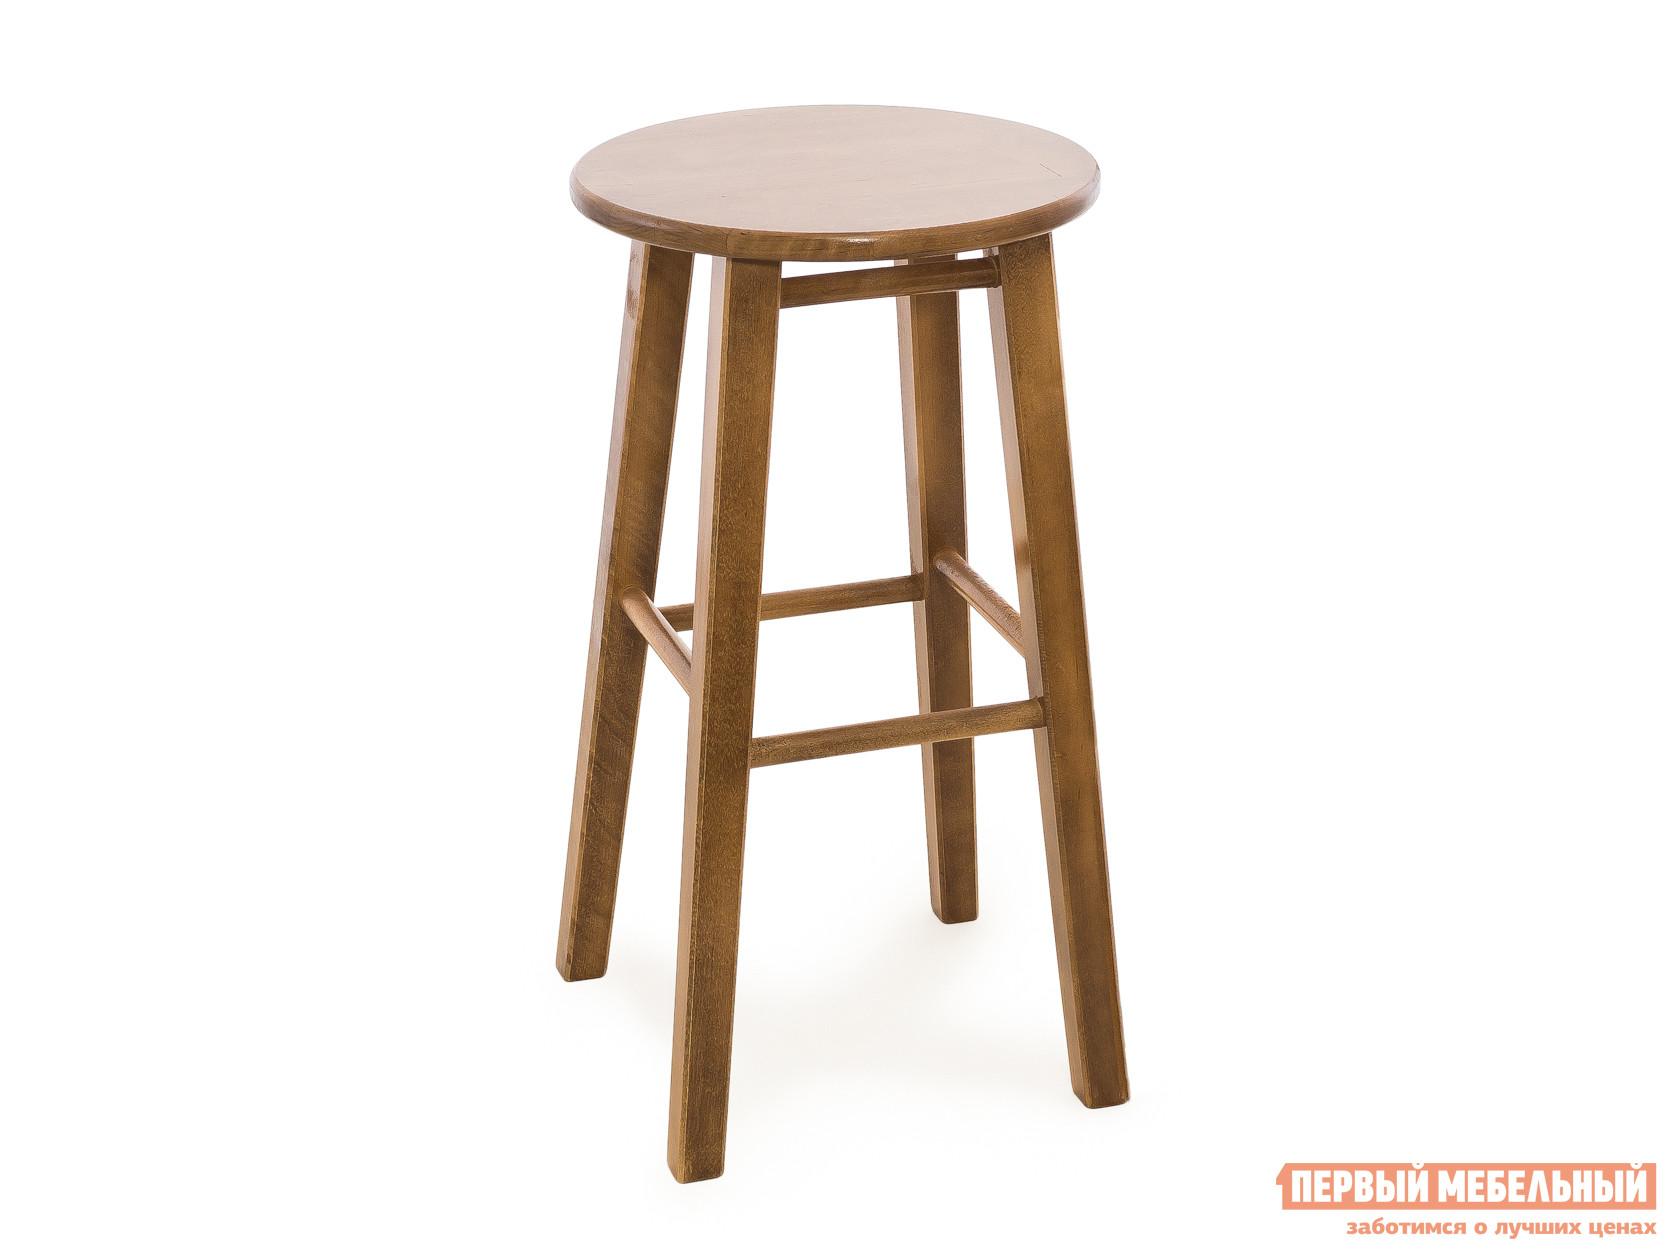 Барный стул СМКА КМ023Б Орех, 650 мм